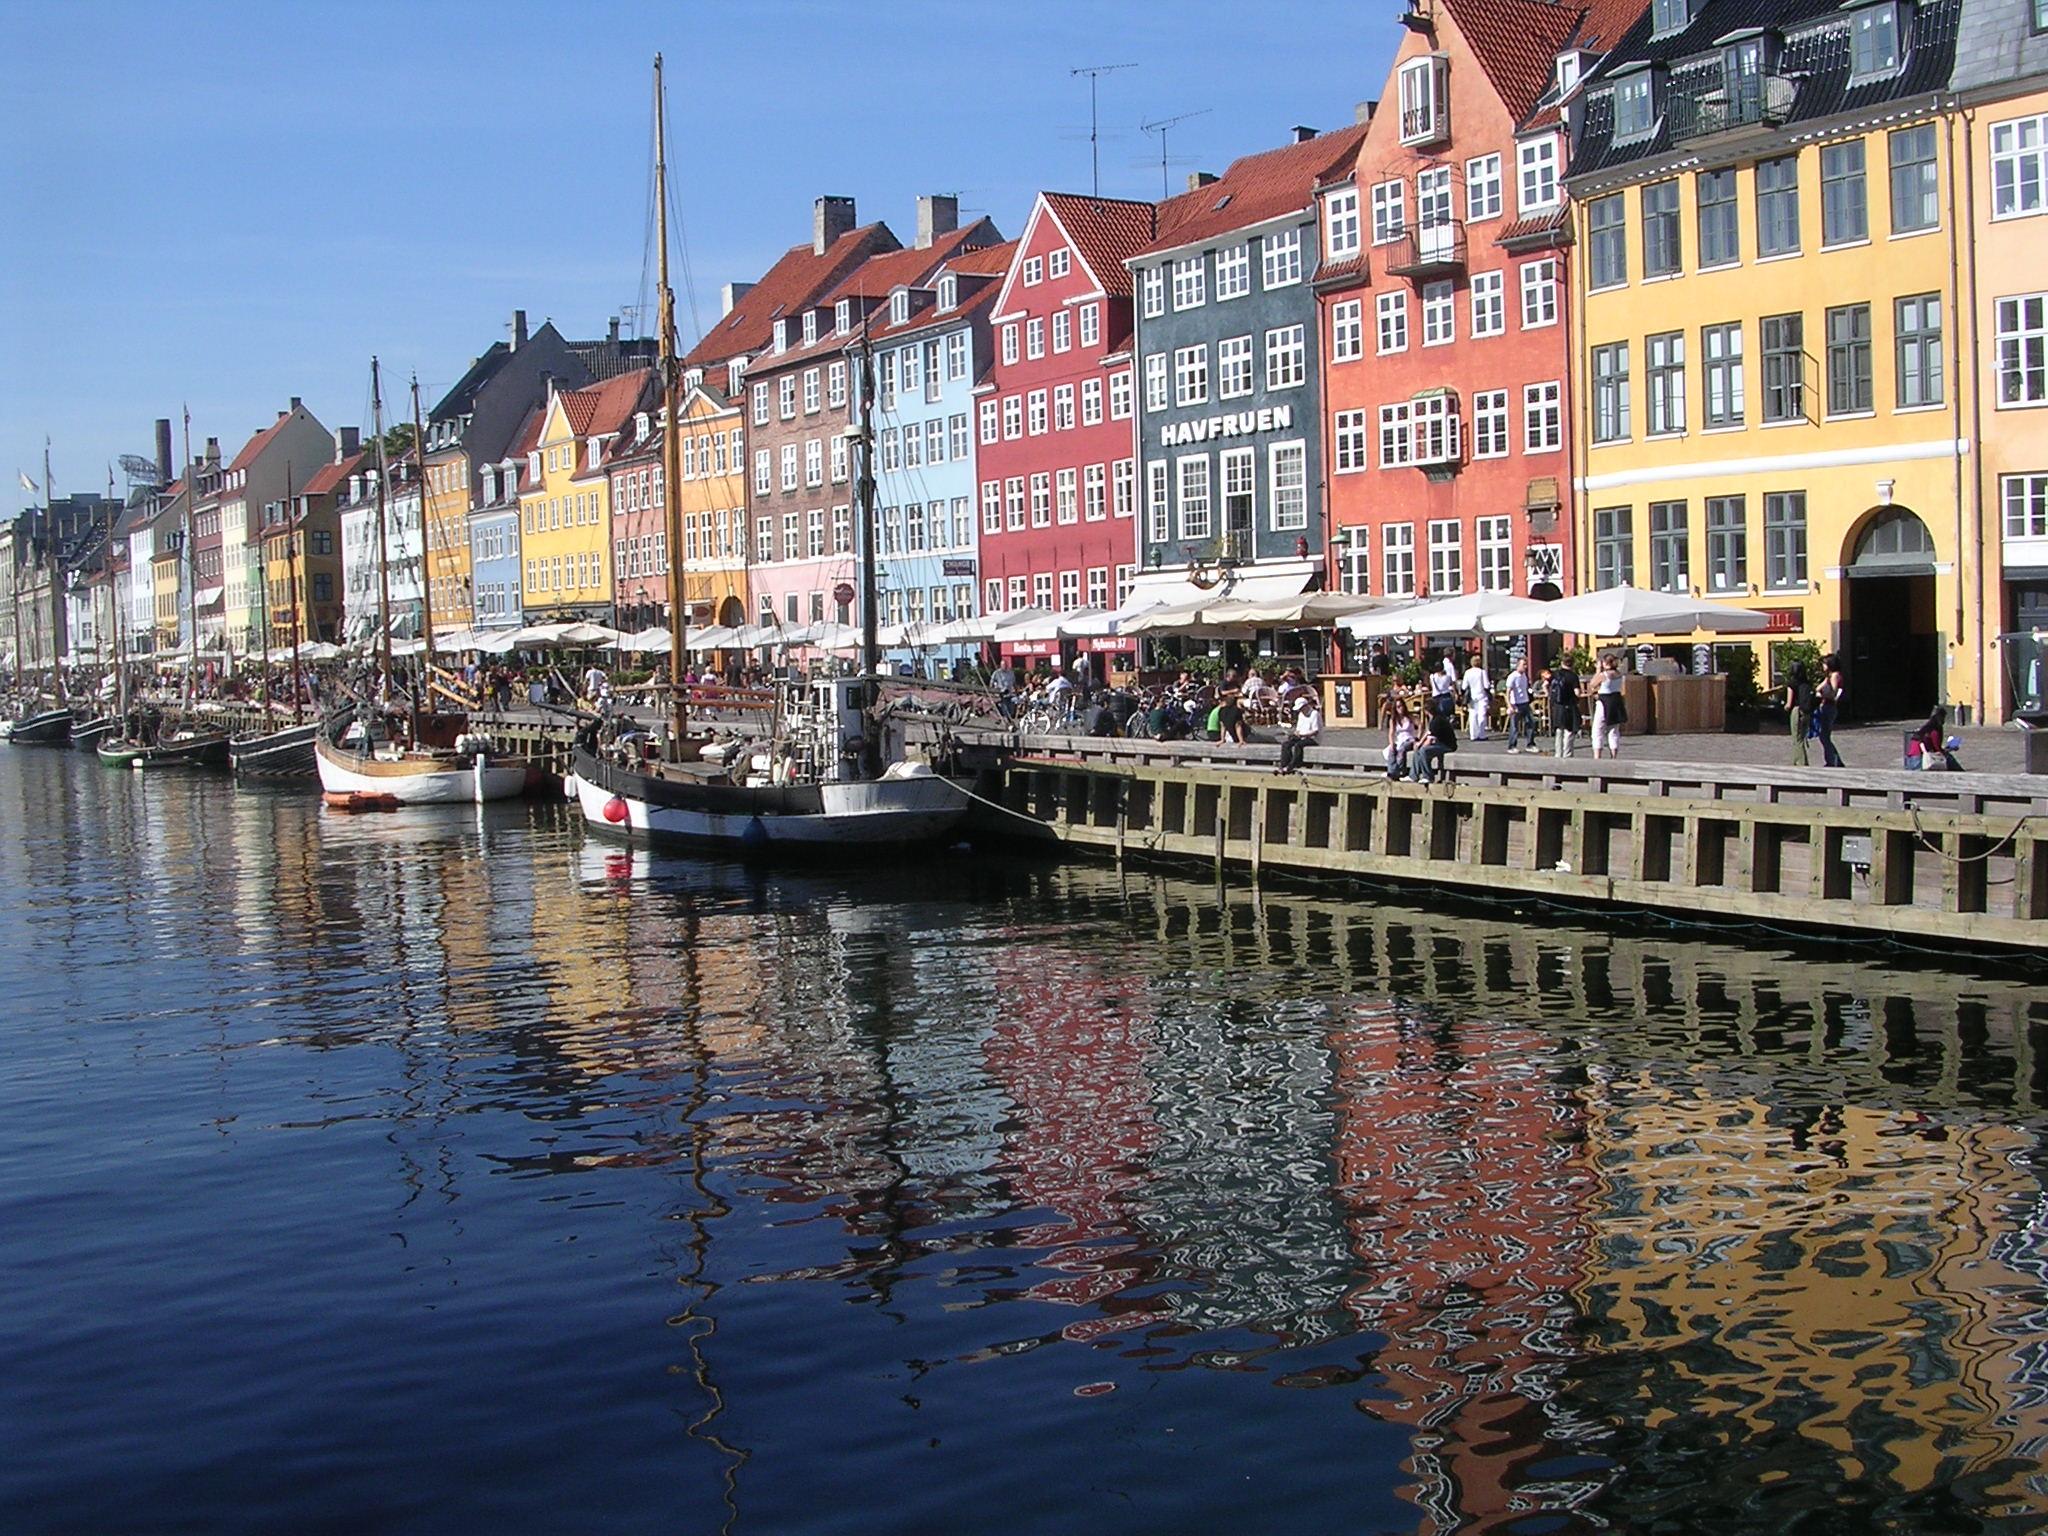 Beautiful Fall Pictures Wallpaper Fil Kopenhagen Nyhavn Jpg Wikipedia